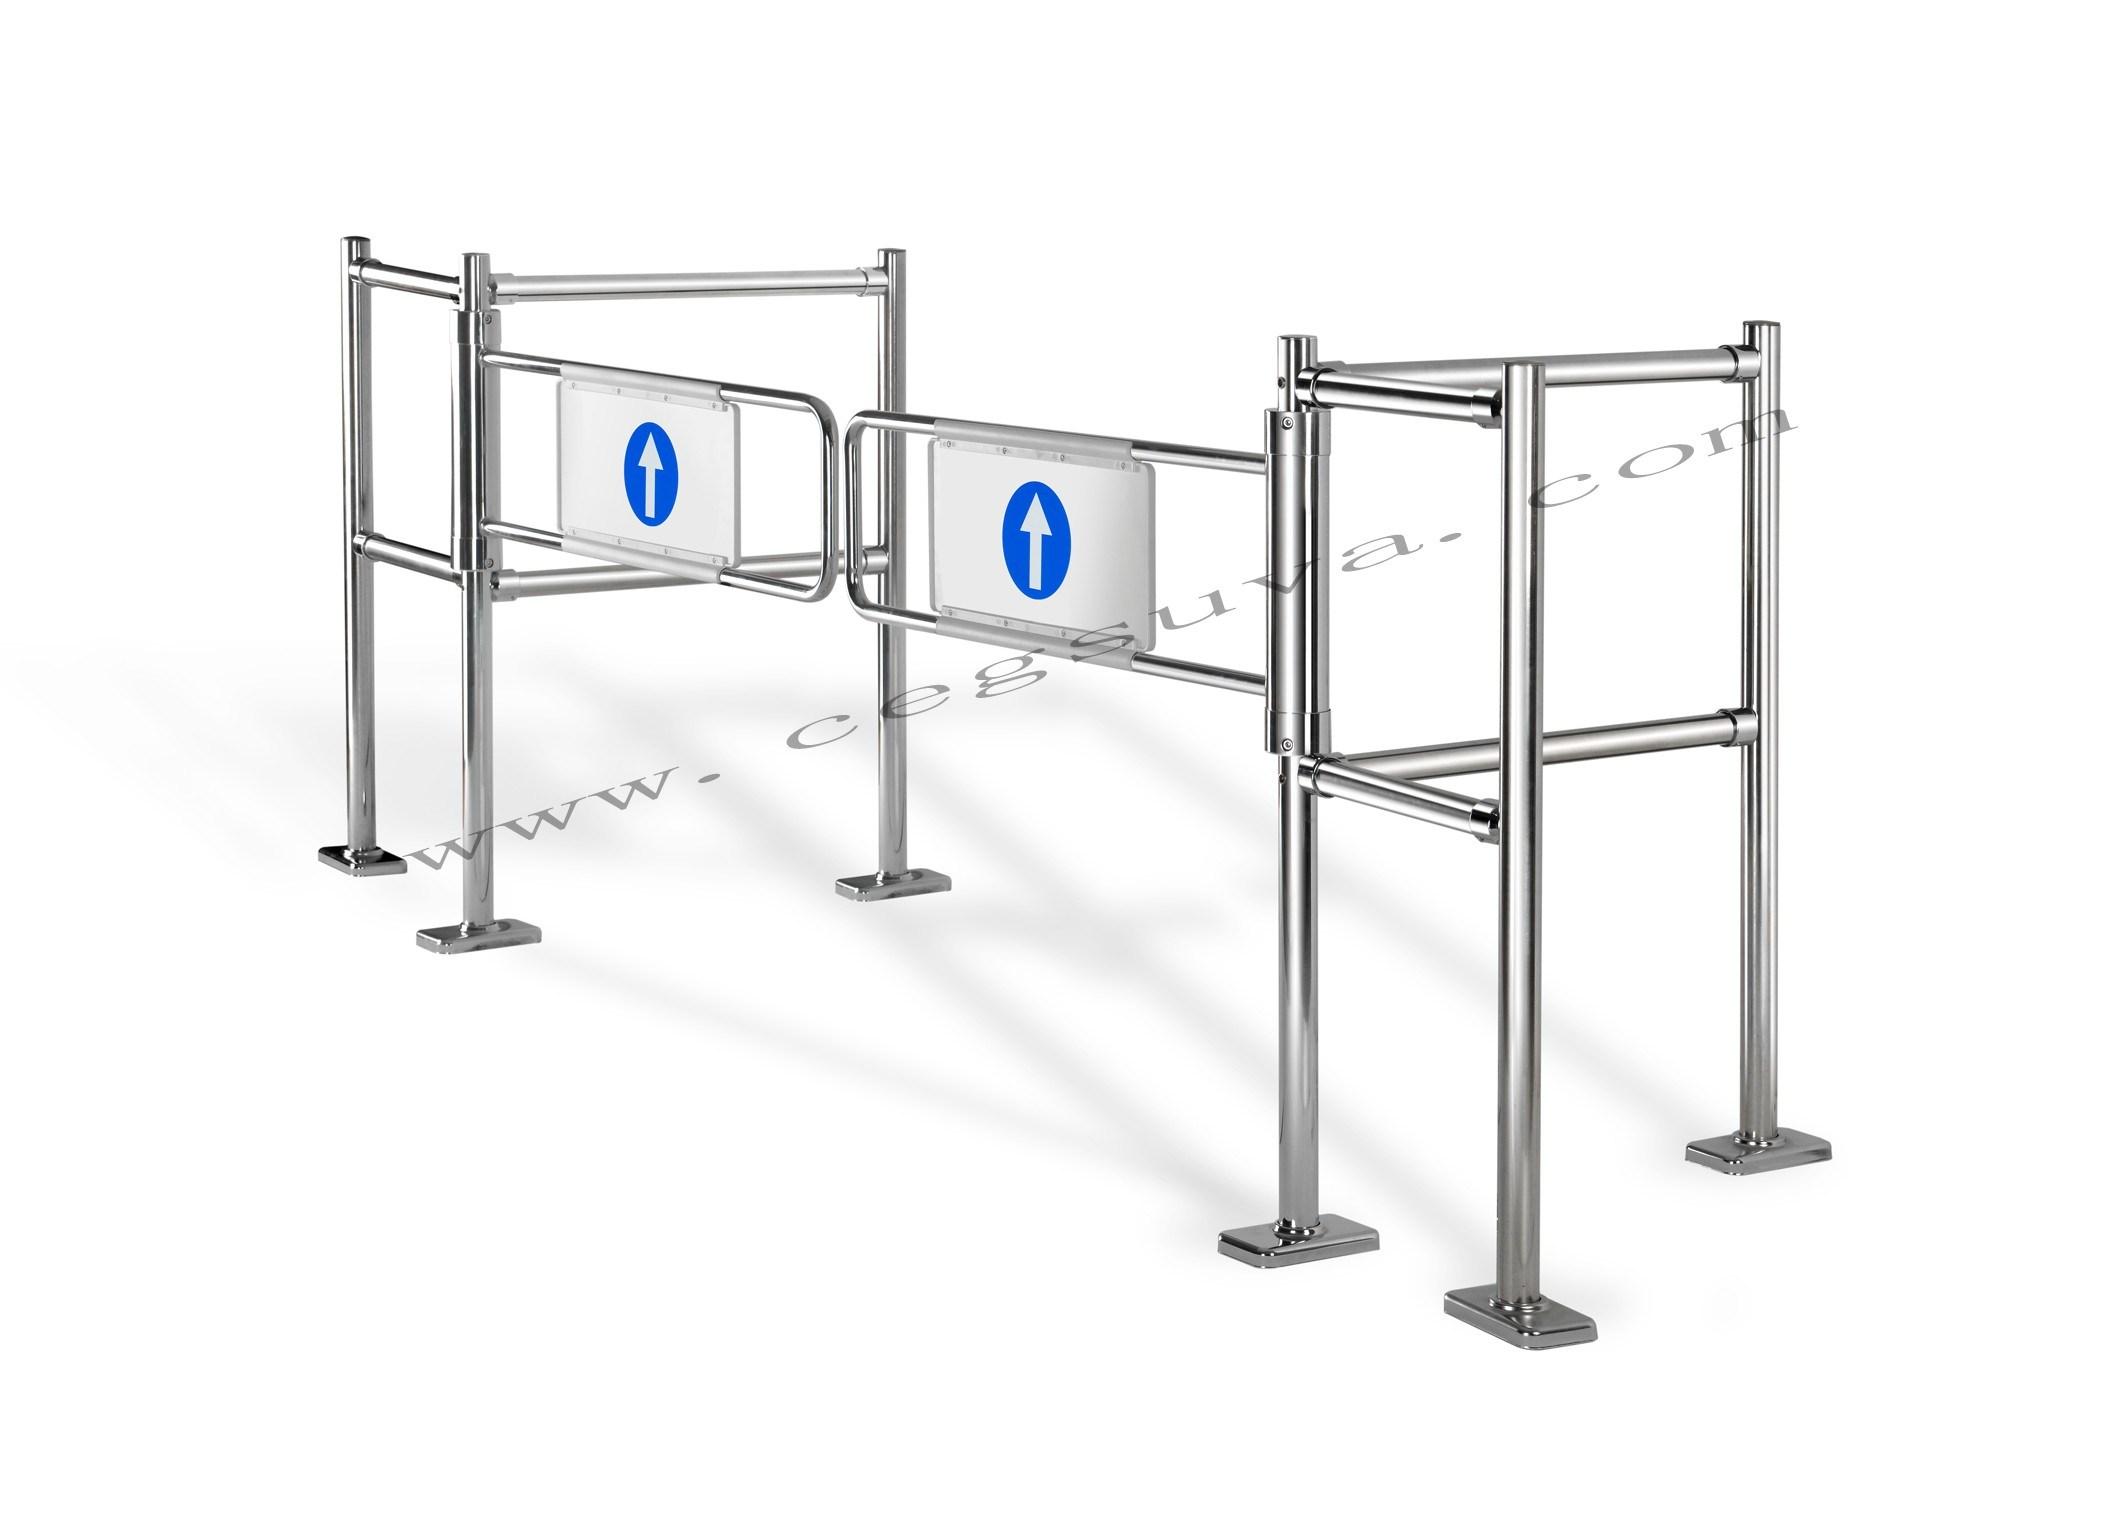 Double porte m canique supermarch gate portails - Supermarche porte d orleans ...